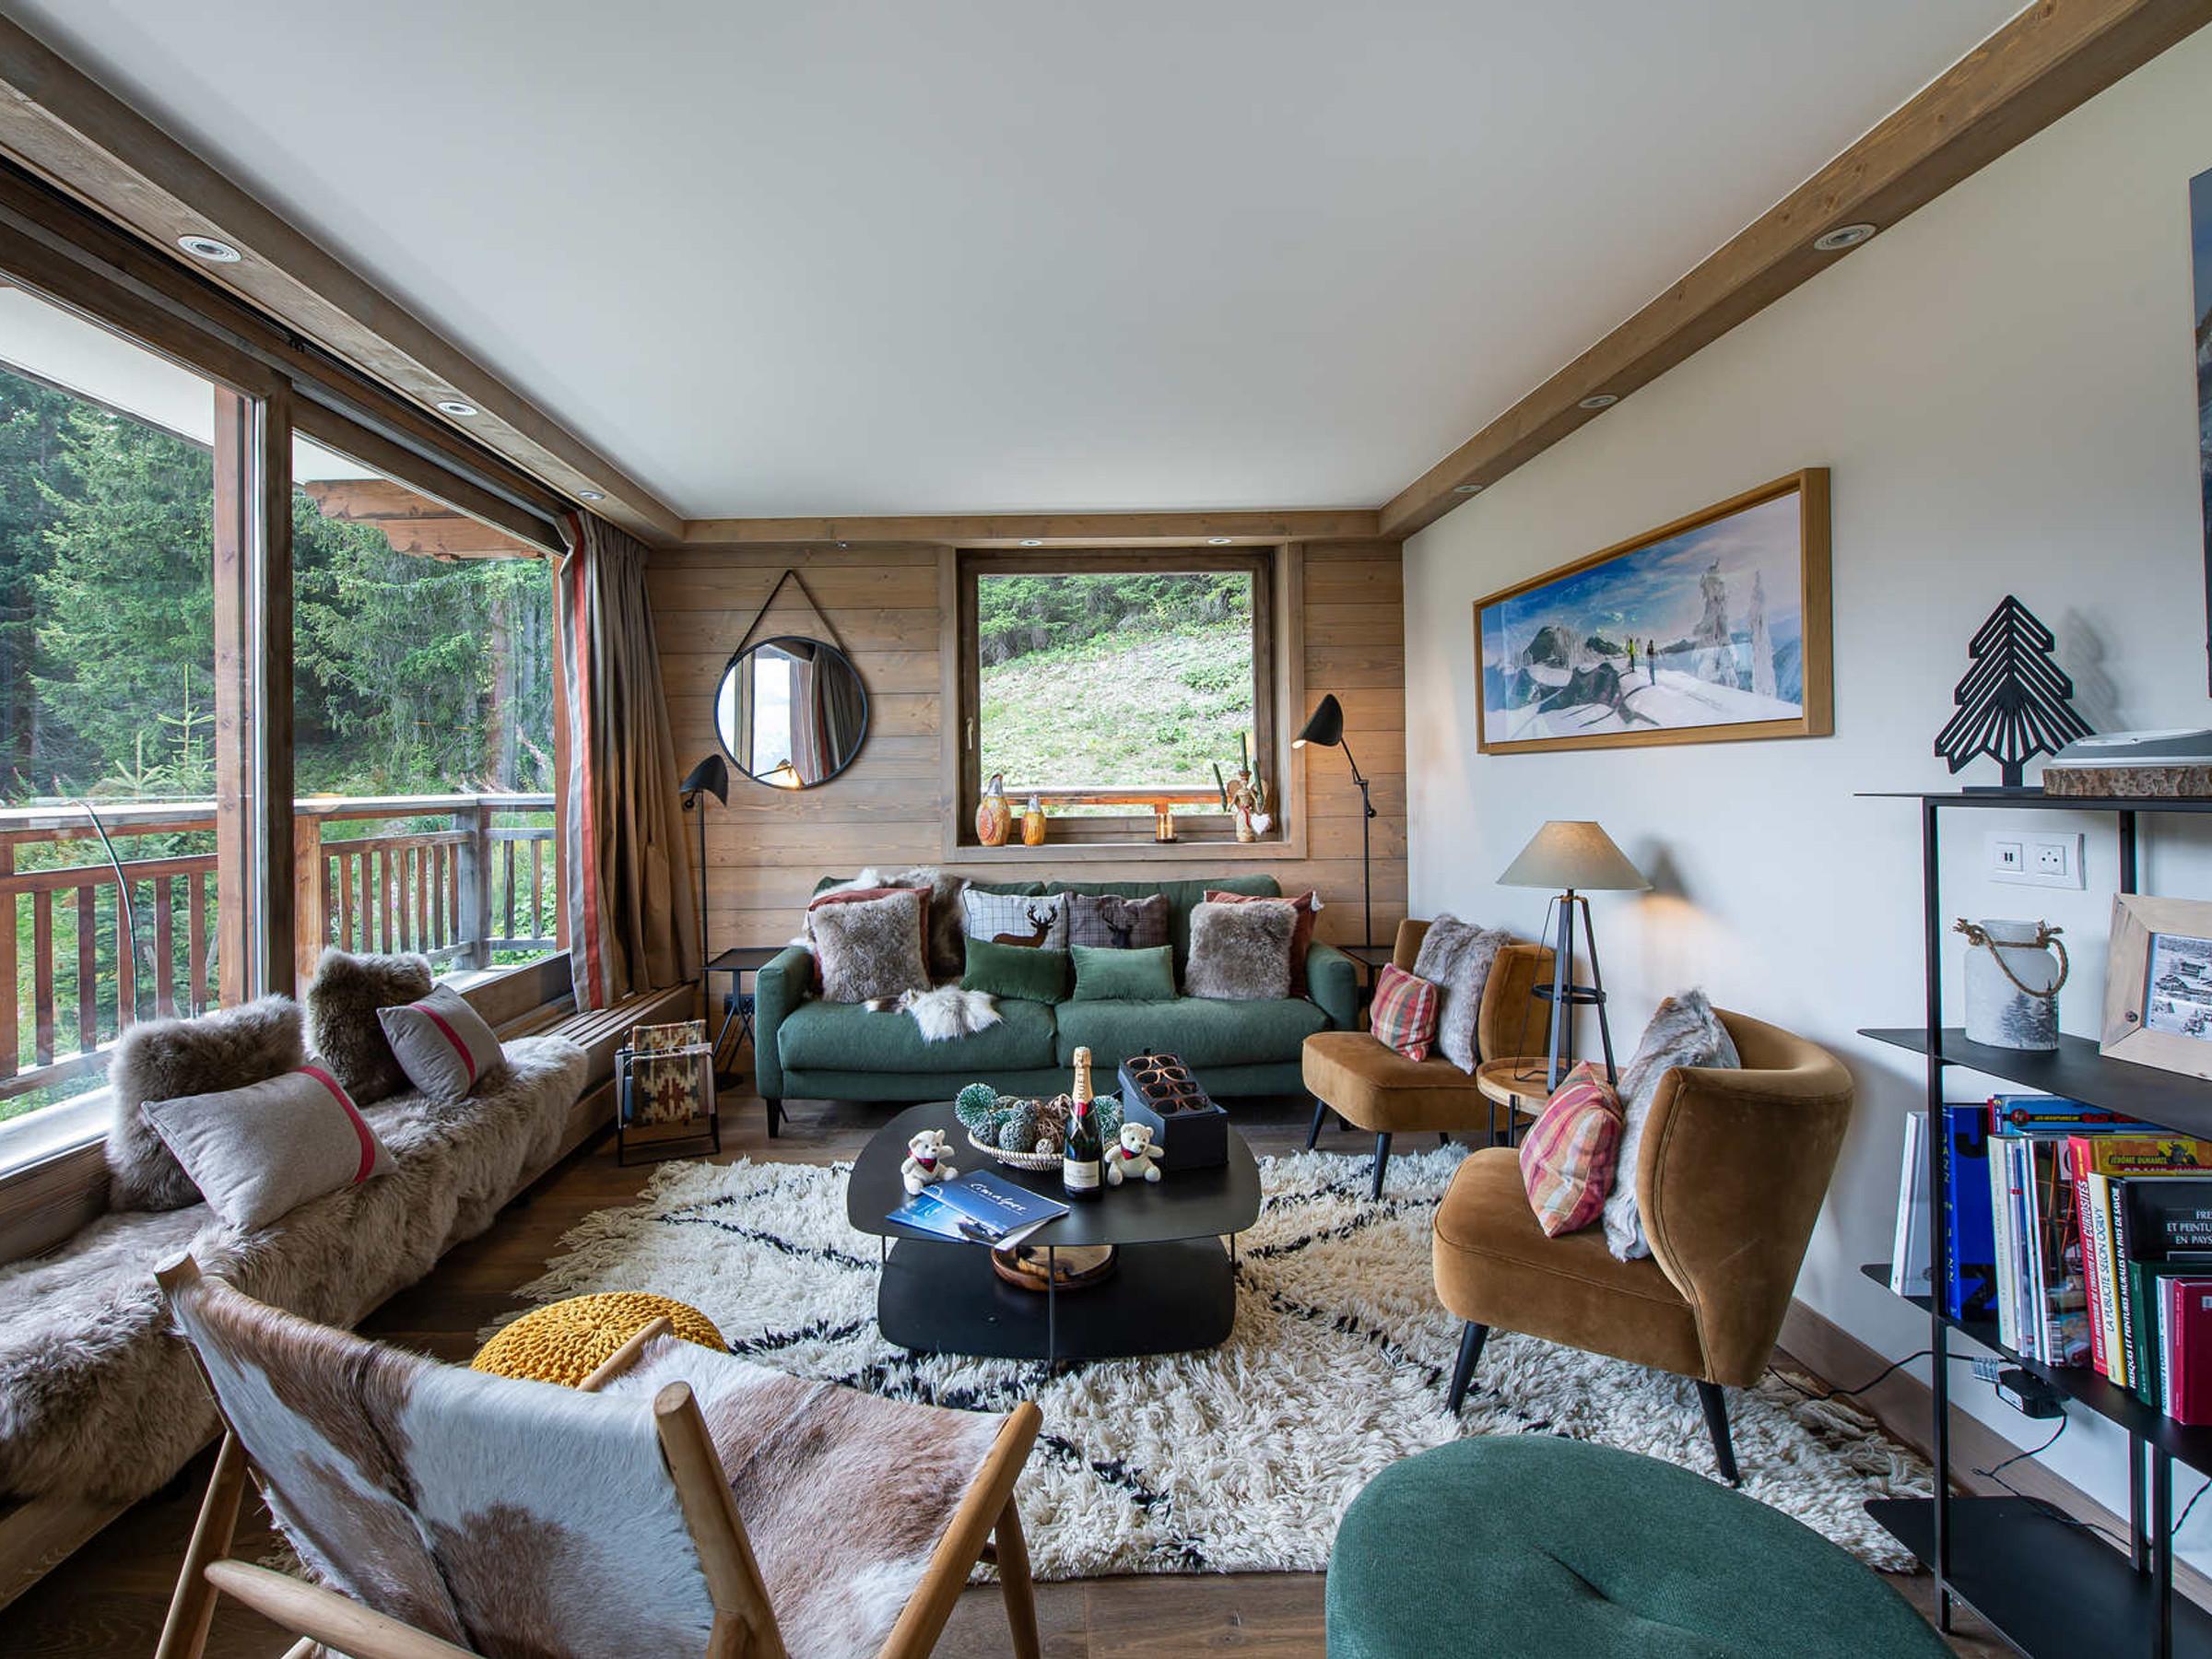 Appartement spacieux situé dans un quartier calme à deux pas des pistes et offrant une magnifique vue sur les montagnes